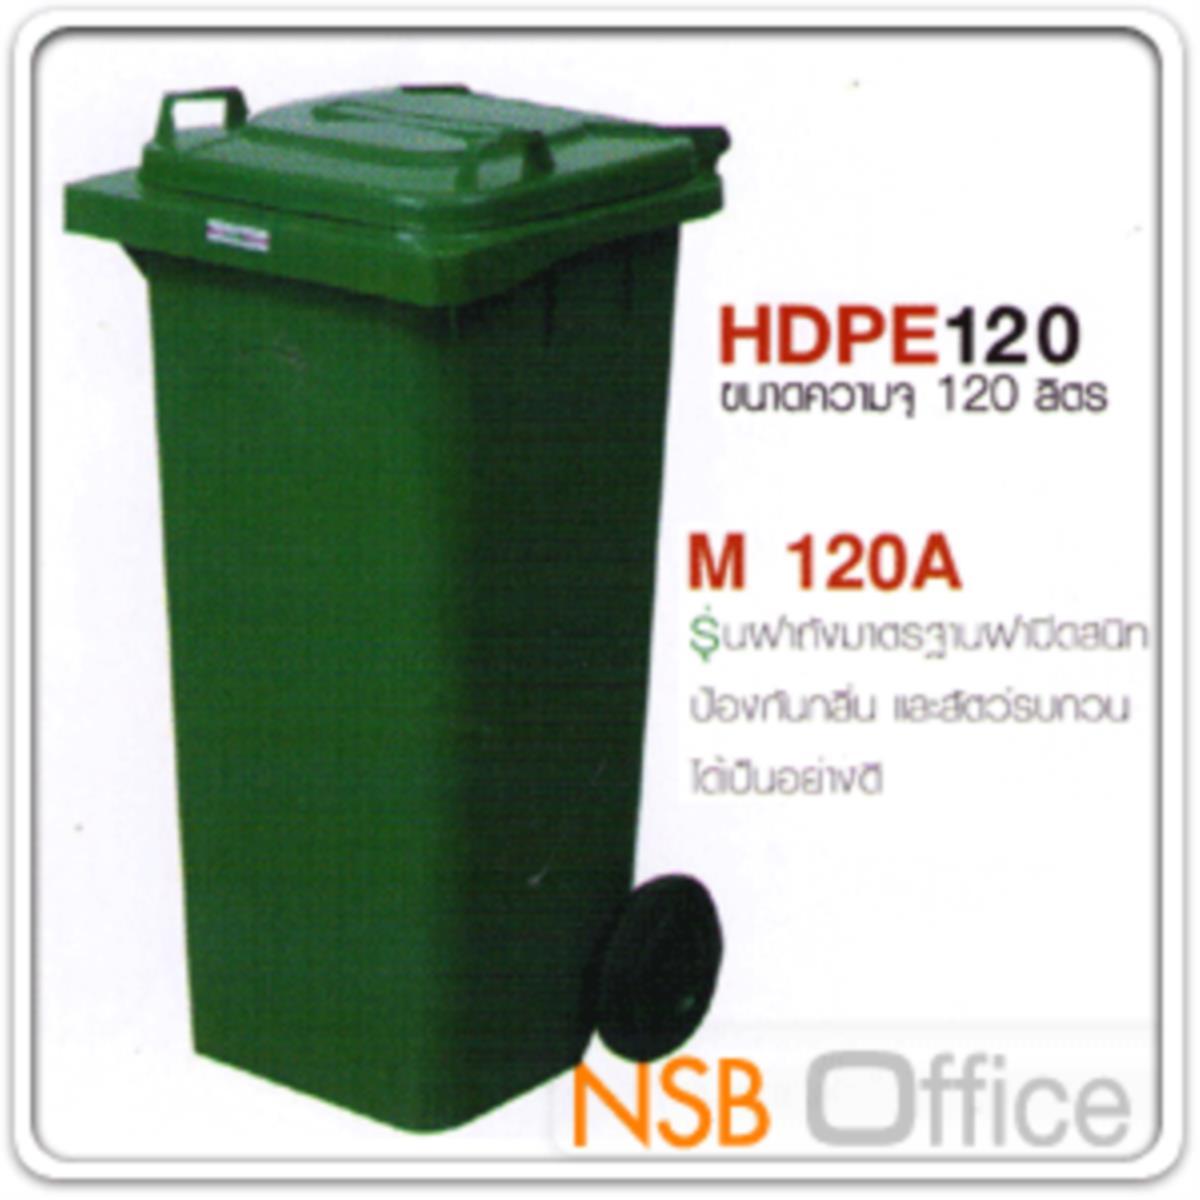 ถังขยะพลาสติกรุ่นฝาปิดสนิท ความจุ 120 ลิตร M-120A